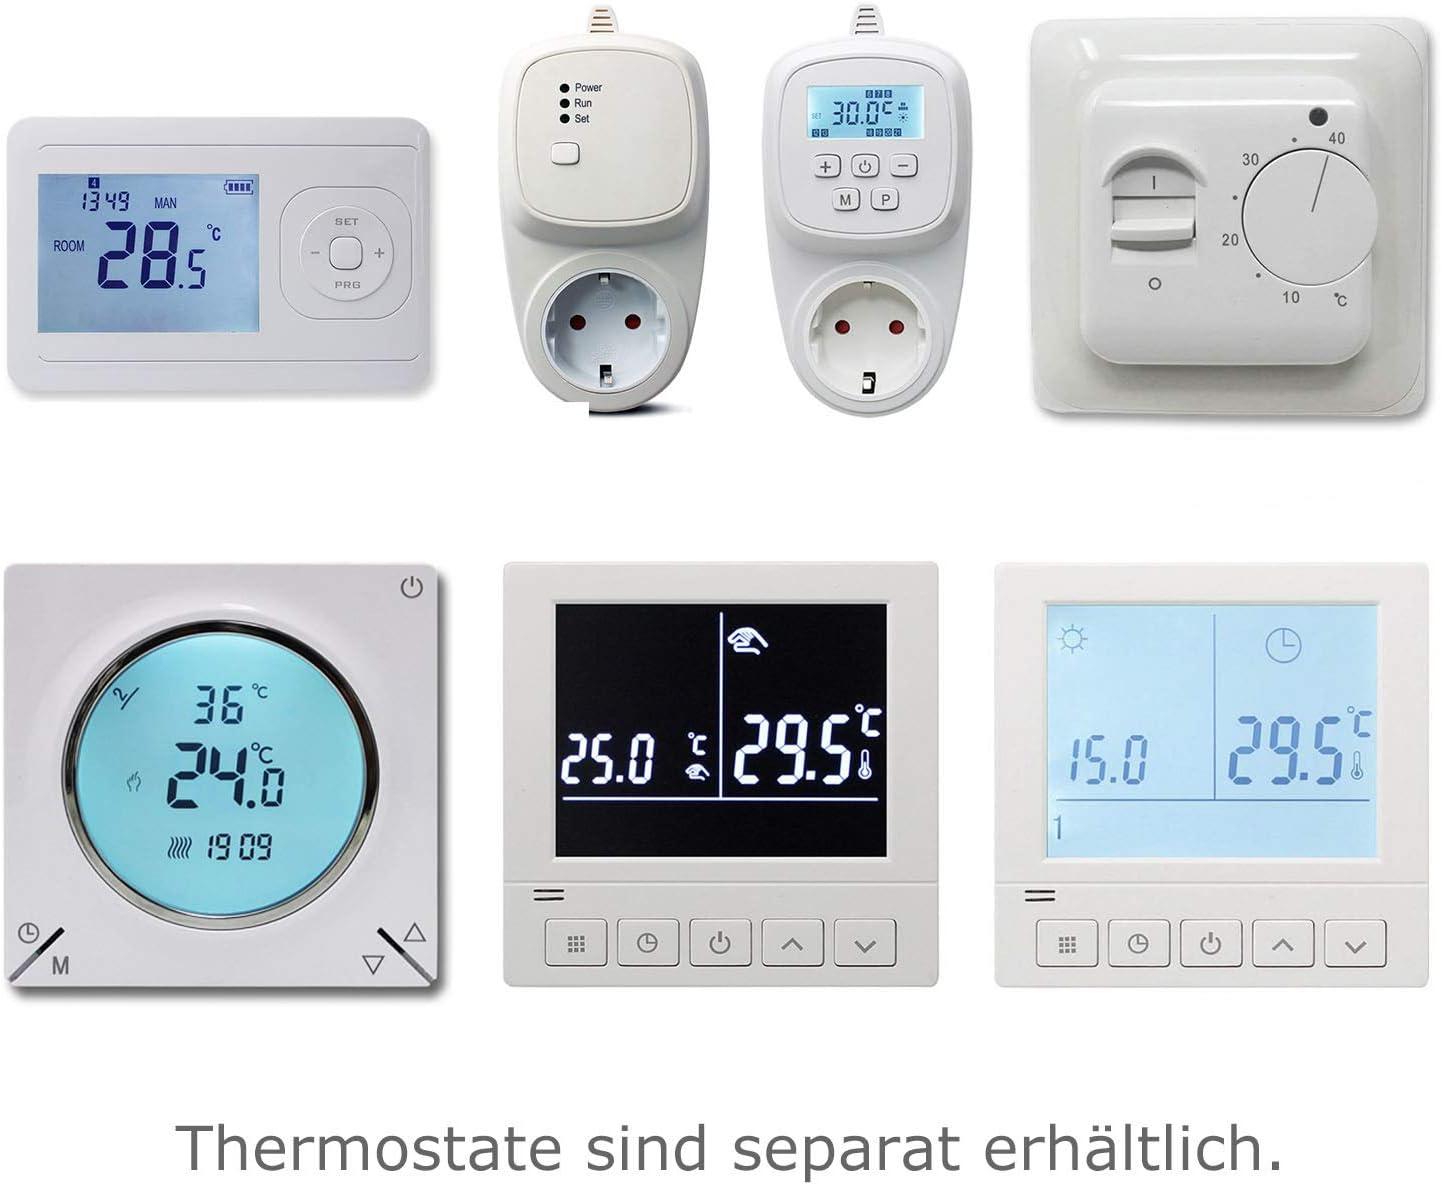 TWIN Heizkabel 10 W//m Thermostat unterputz HDW Elektro-Fußbodenheizung EU Herst